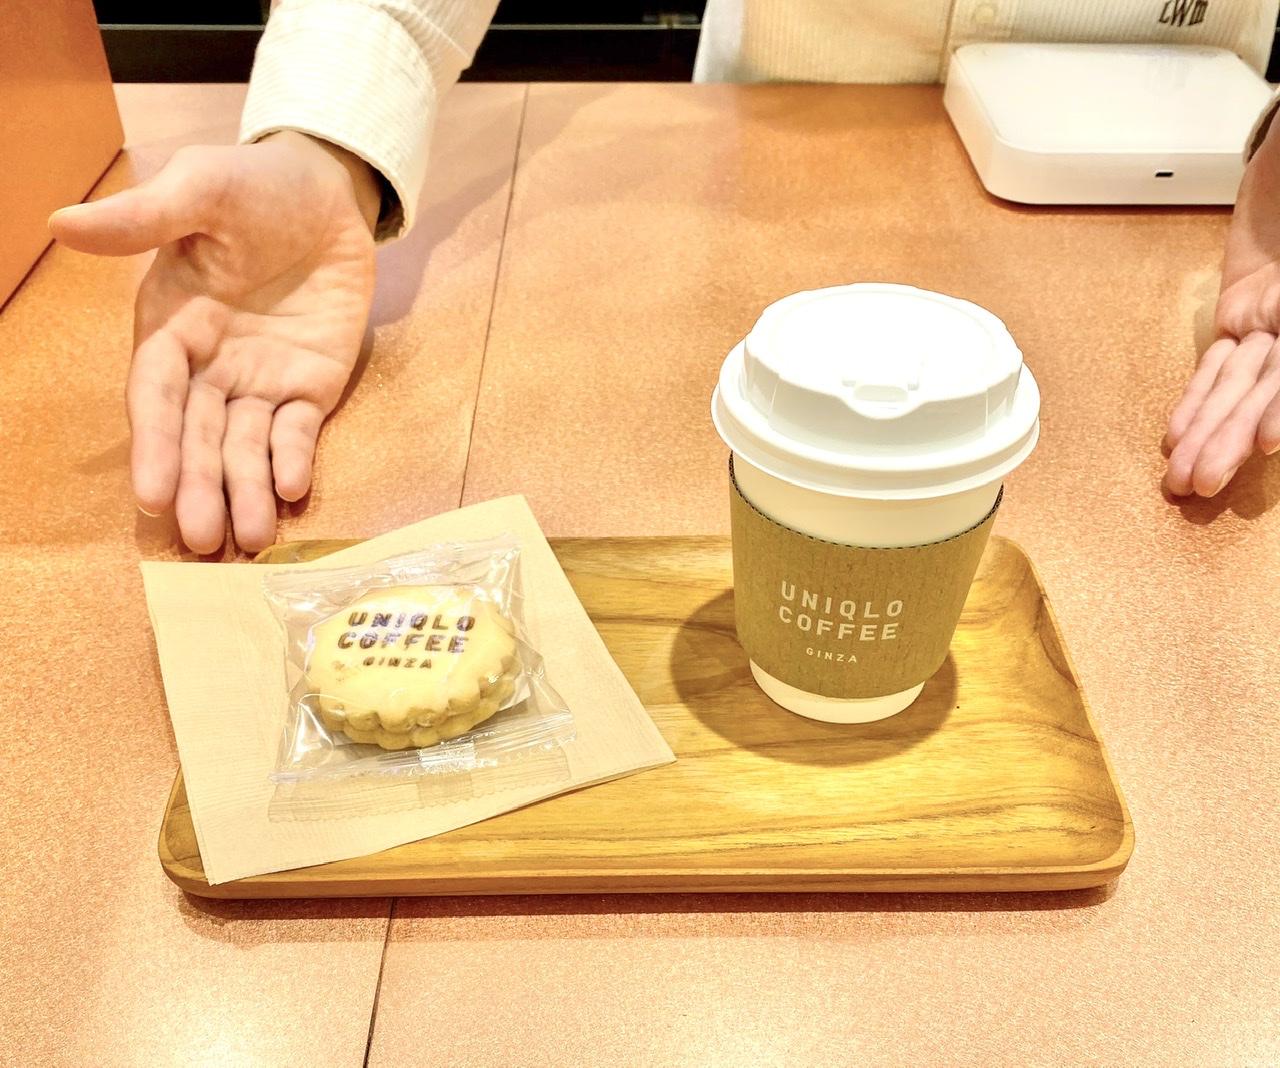 ユニクロ 銀座店12階のUNIQLO COFFEEのコーヒーとバタークッキー